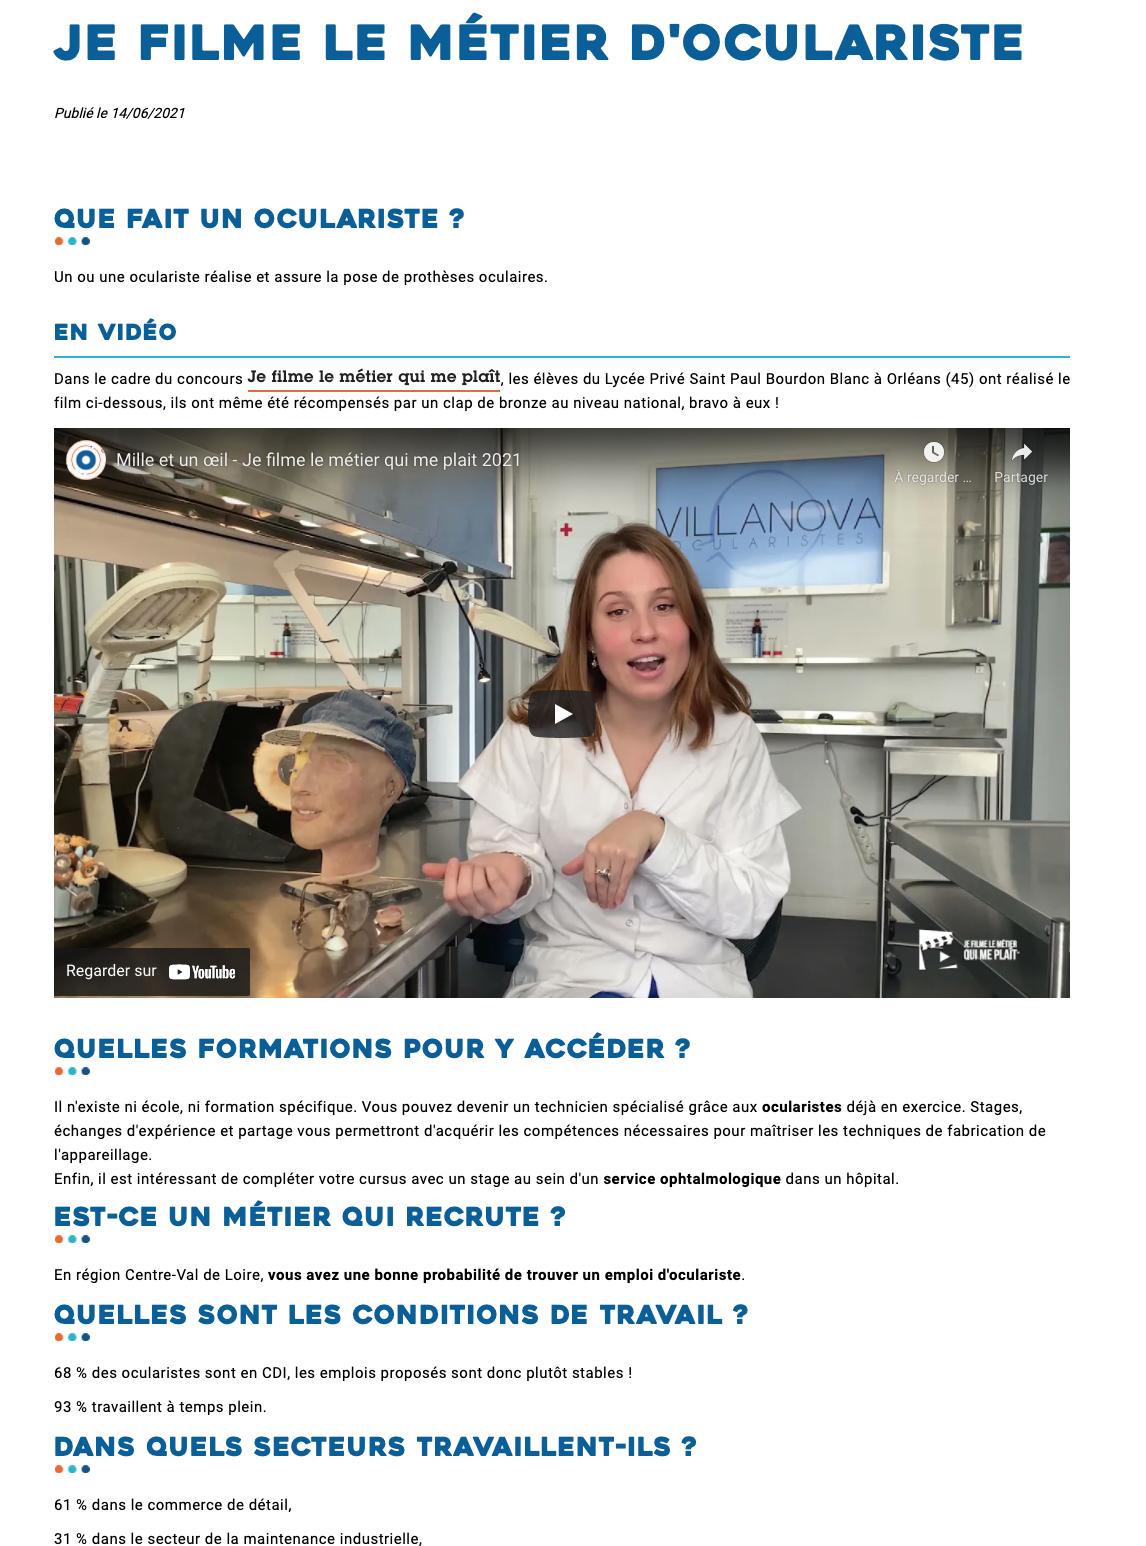 Orientation Centre-Val de Loire - 14/06/2021